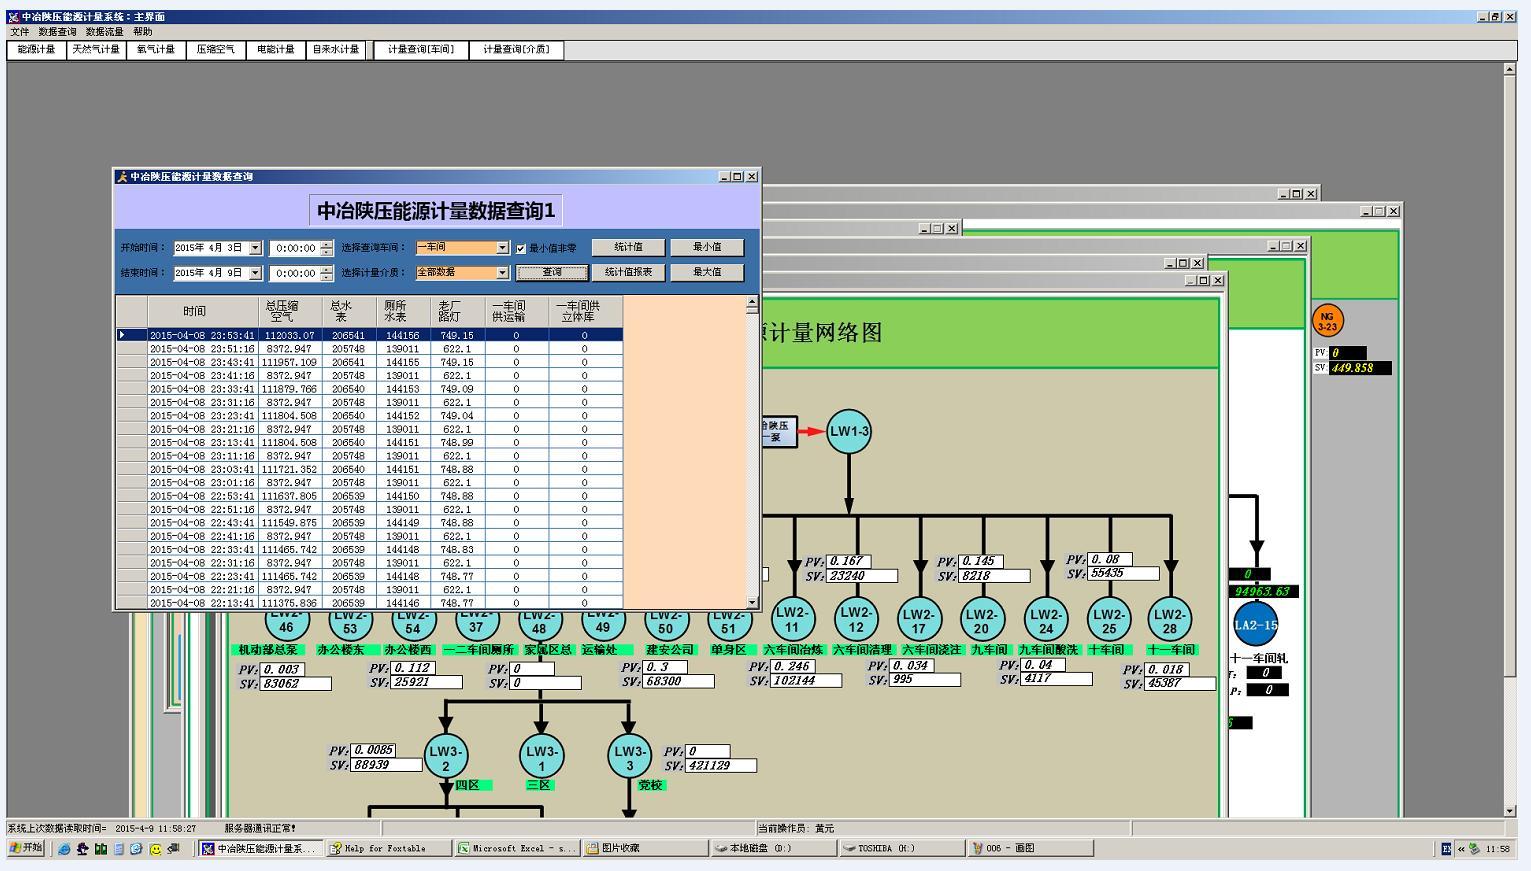 钾肥生产控制网络拓扑图